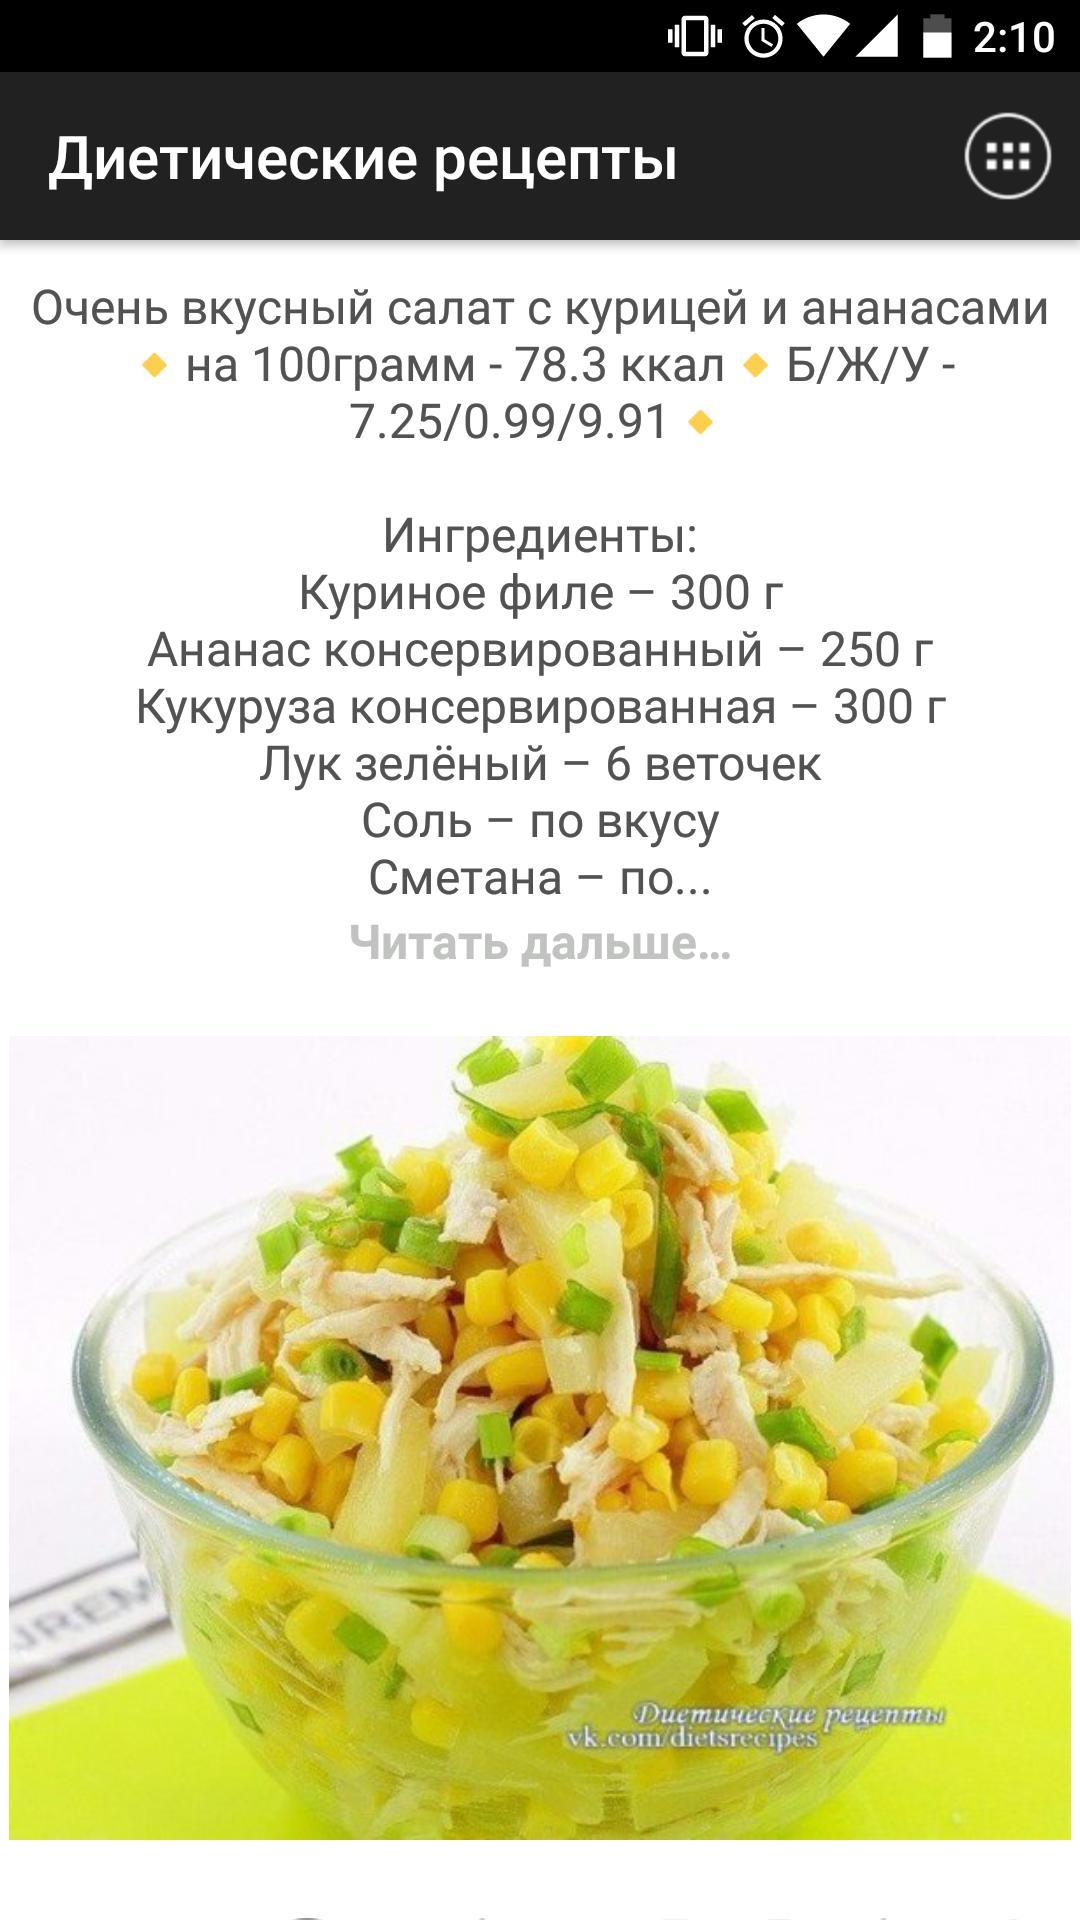 понять рецепты на картинке и калориях будет строиться